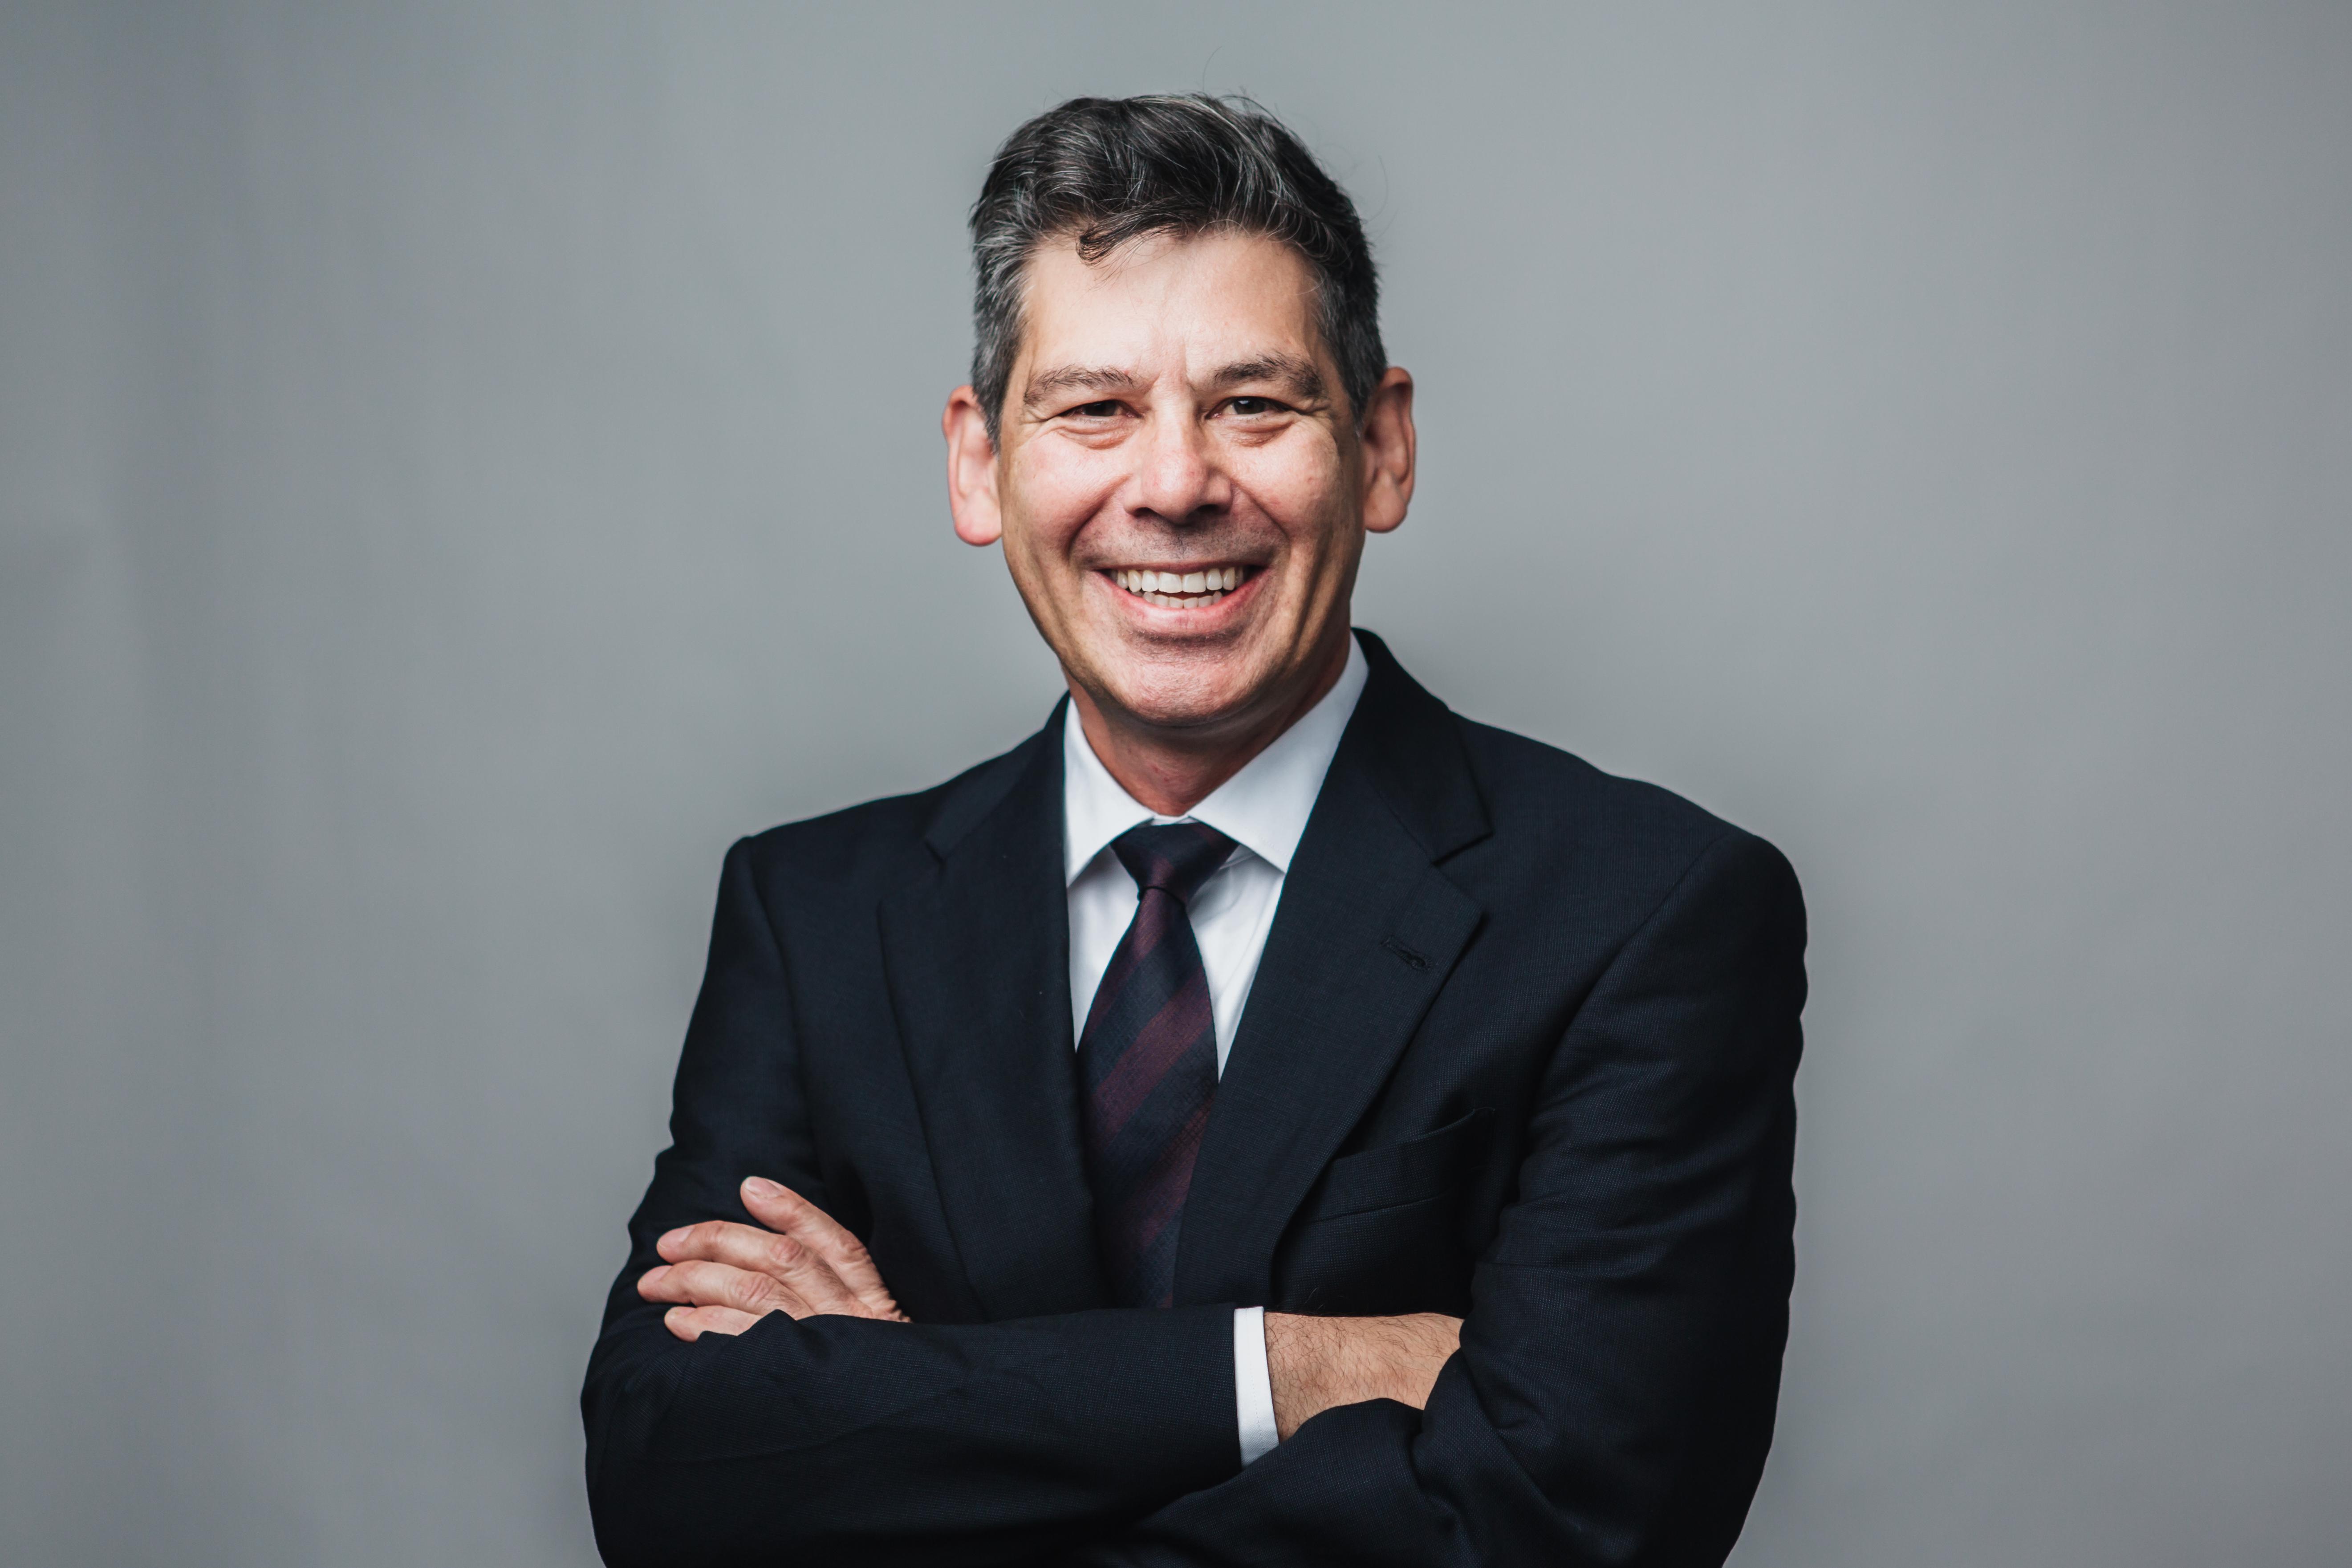 Chris Nardecchia Joins Rockwell Automation as Senior Vice President ...